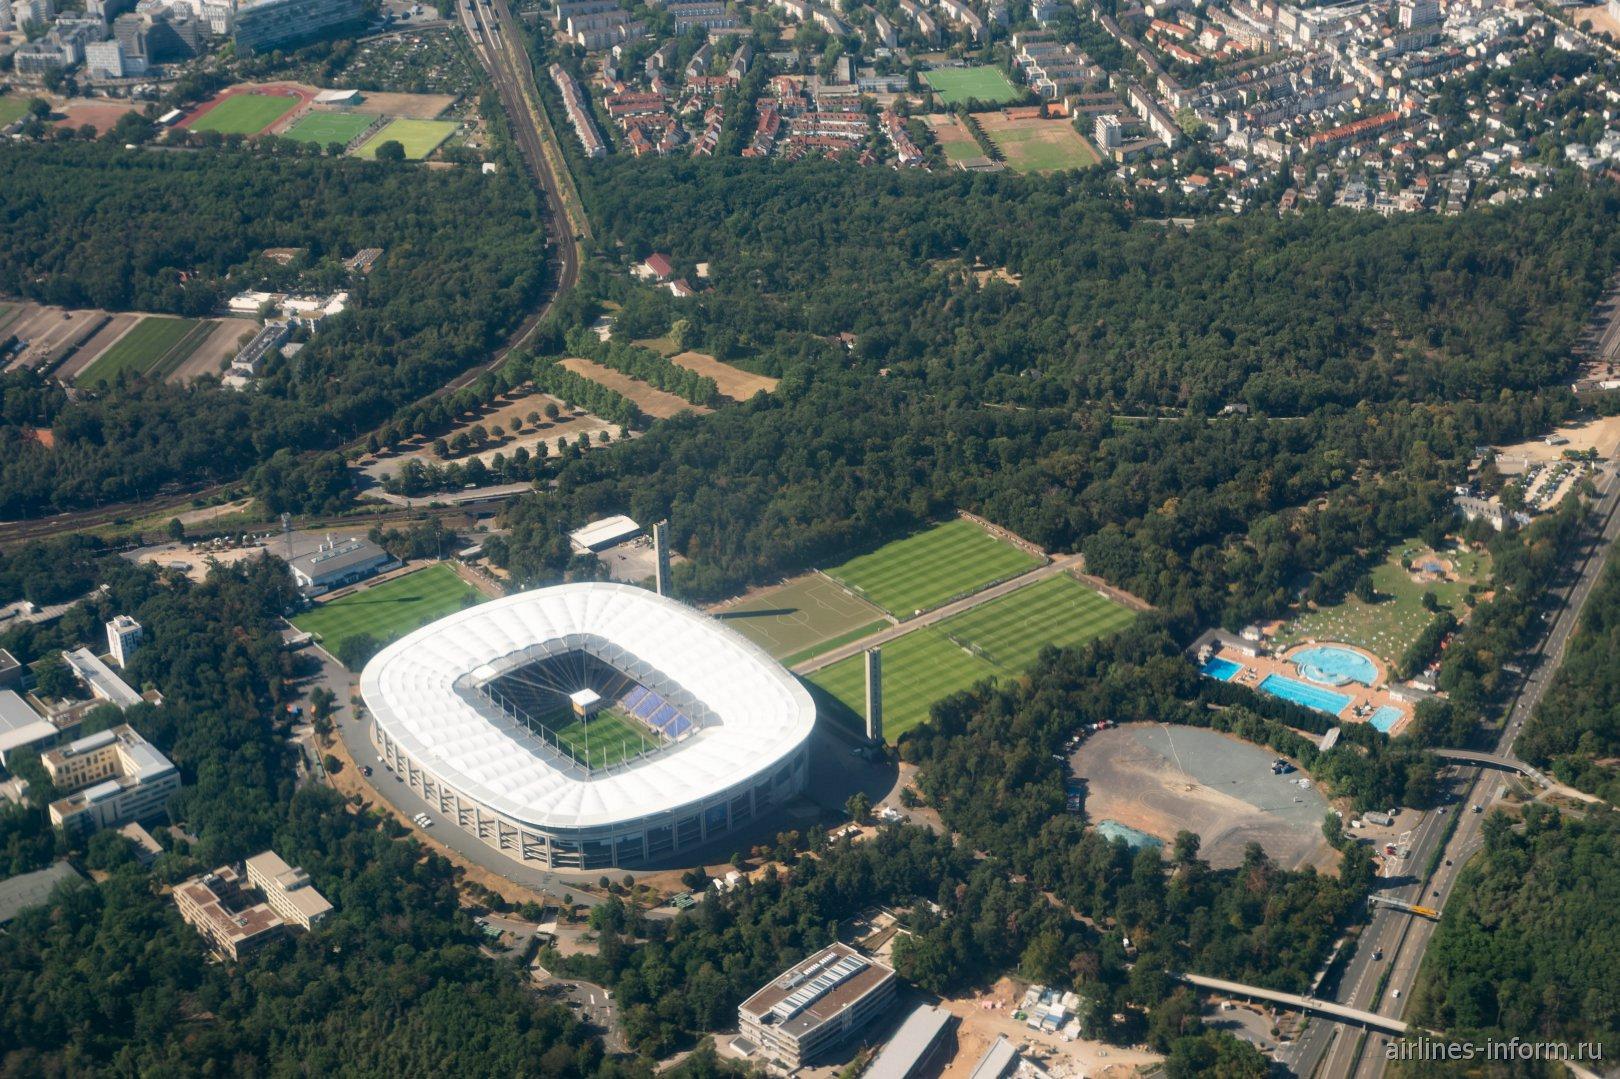 Футбольный стадион Коммерцбанк-Арена в городе Франкфурт-на-Майне